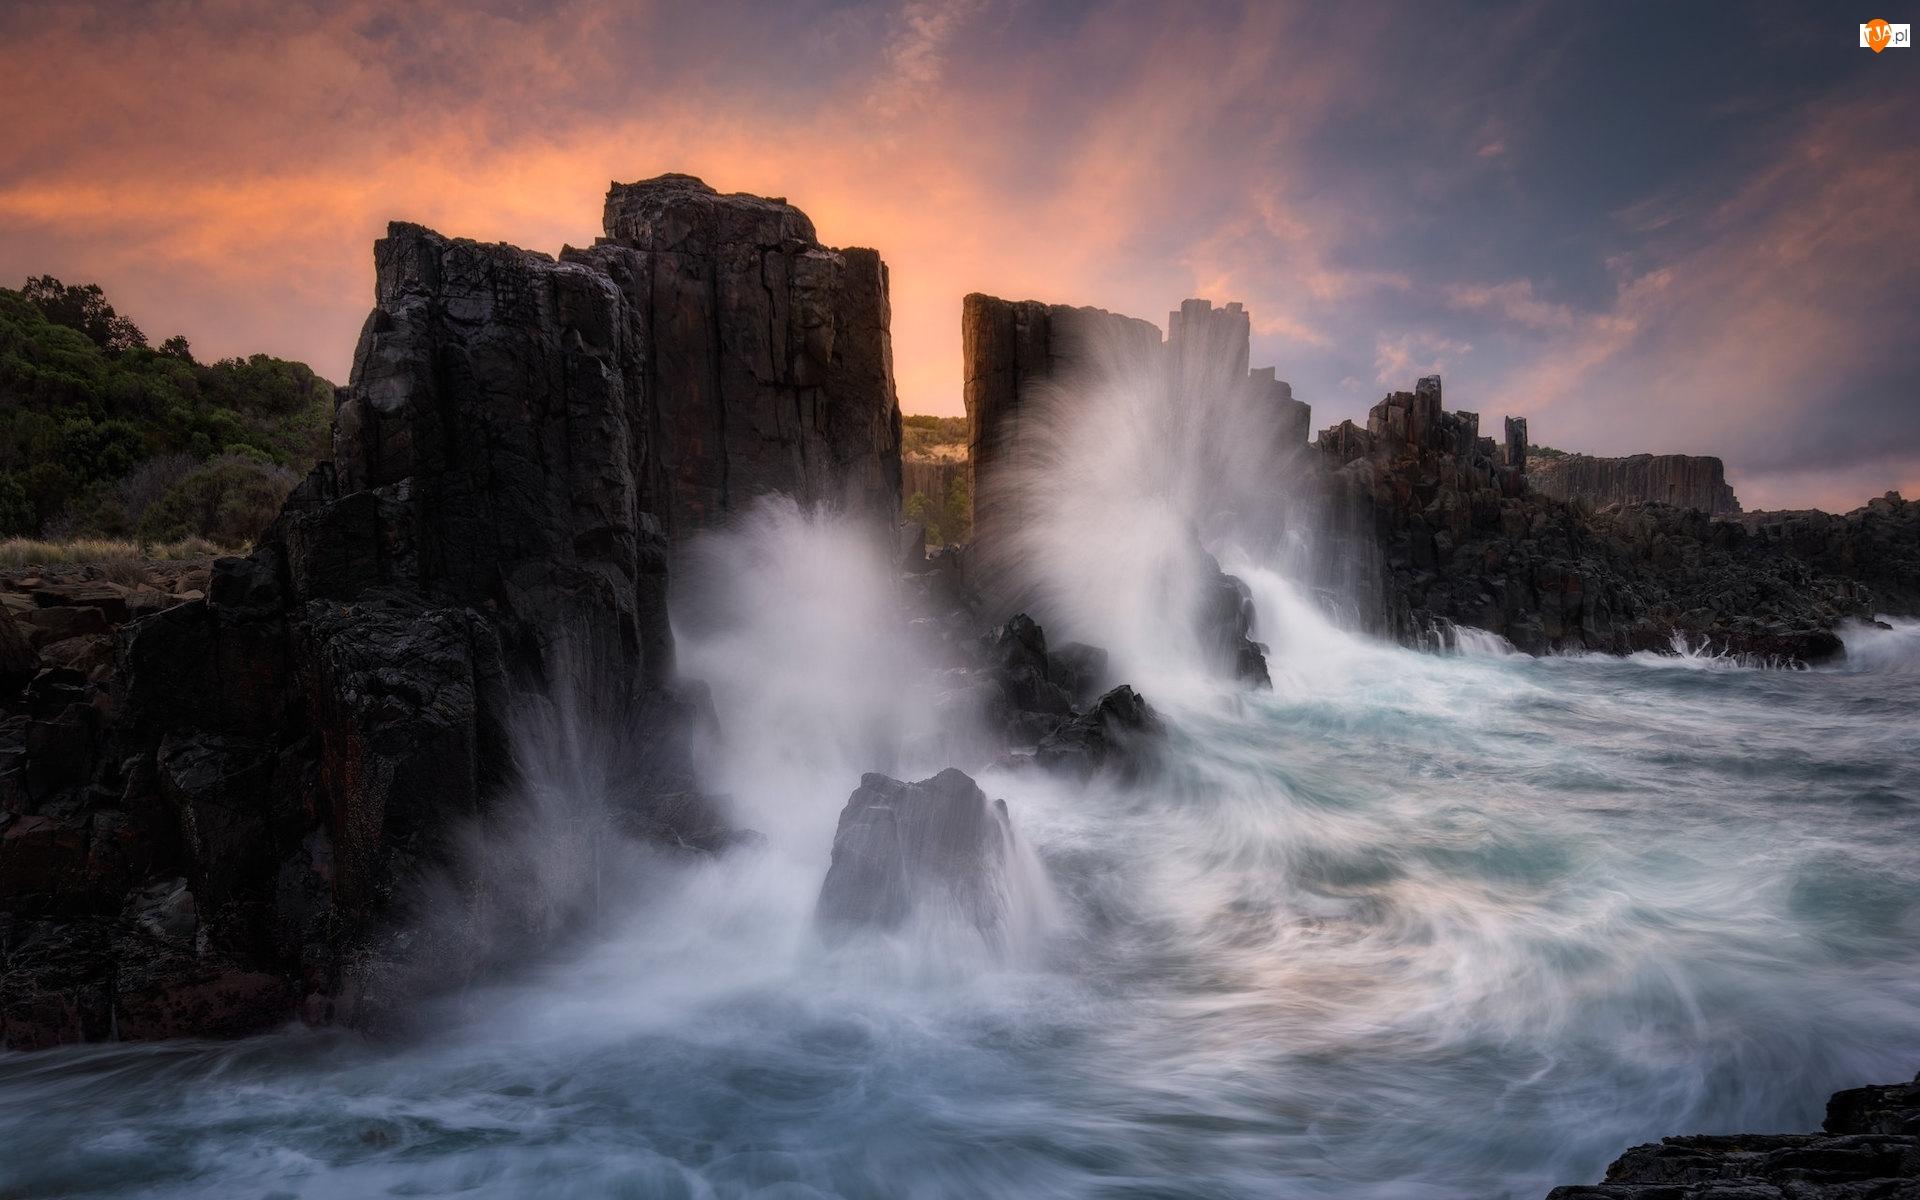 Australia, Fale, Kiama, Drzewa, Bombo, Formacja skalna, Bombo Headland Quarry, Morze, Skały